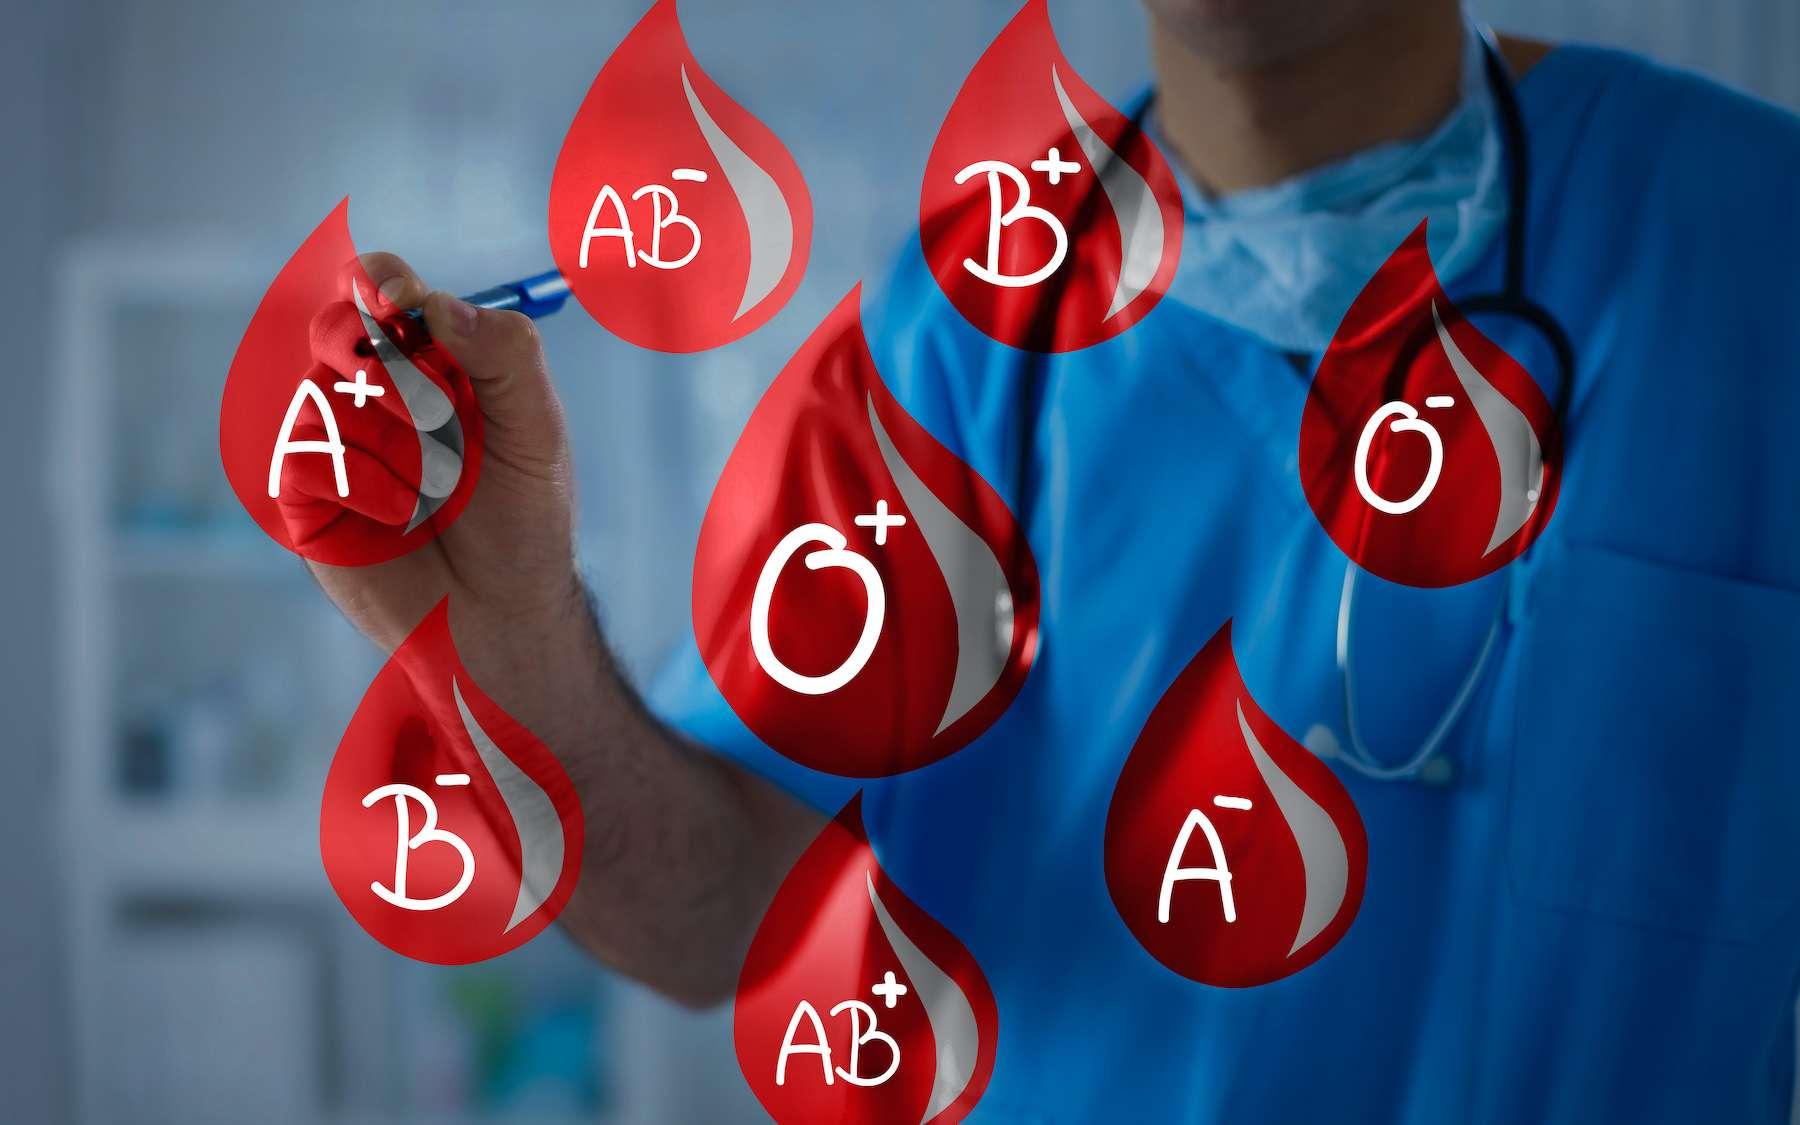 Il existe huit groupes sanguins fondés sur les systèmes ABO et Rhésus. © Cherries, Adobe Stock